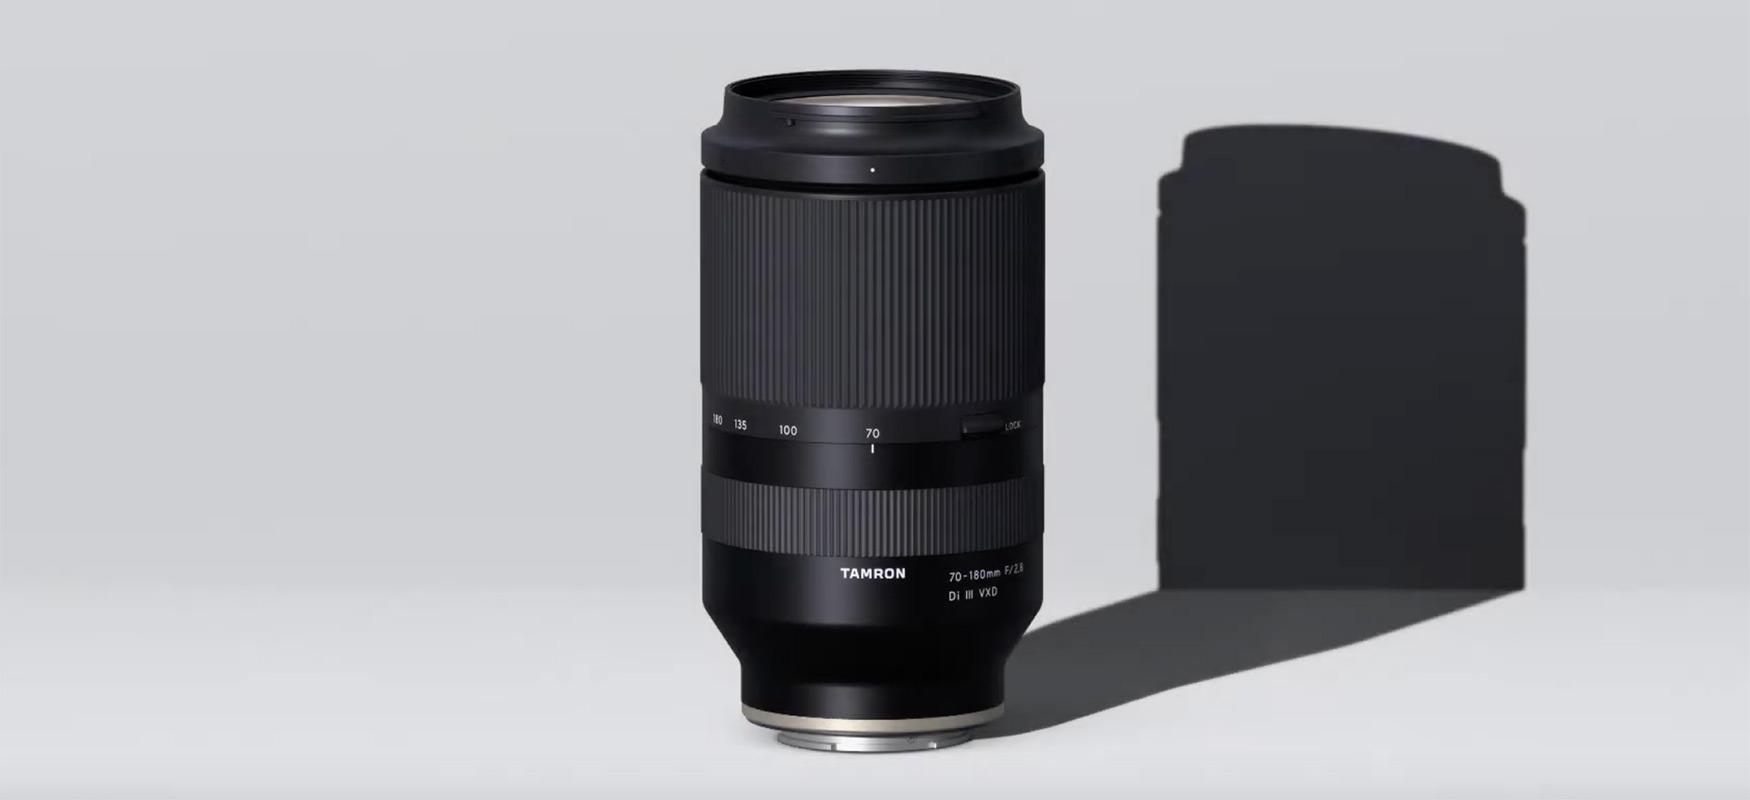 Tamron 70-180 mm f /2.8 Di III VXD-k lehiaketa baino bi aldiz txikiagoa du bere dimentsioekin eta kostuarekin